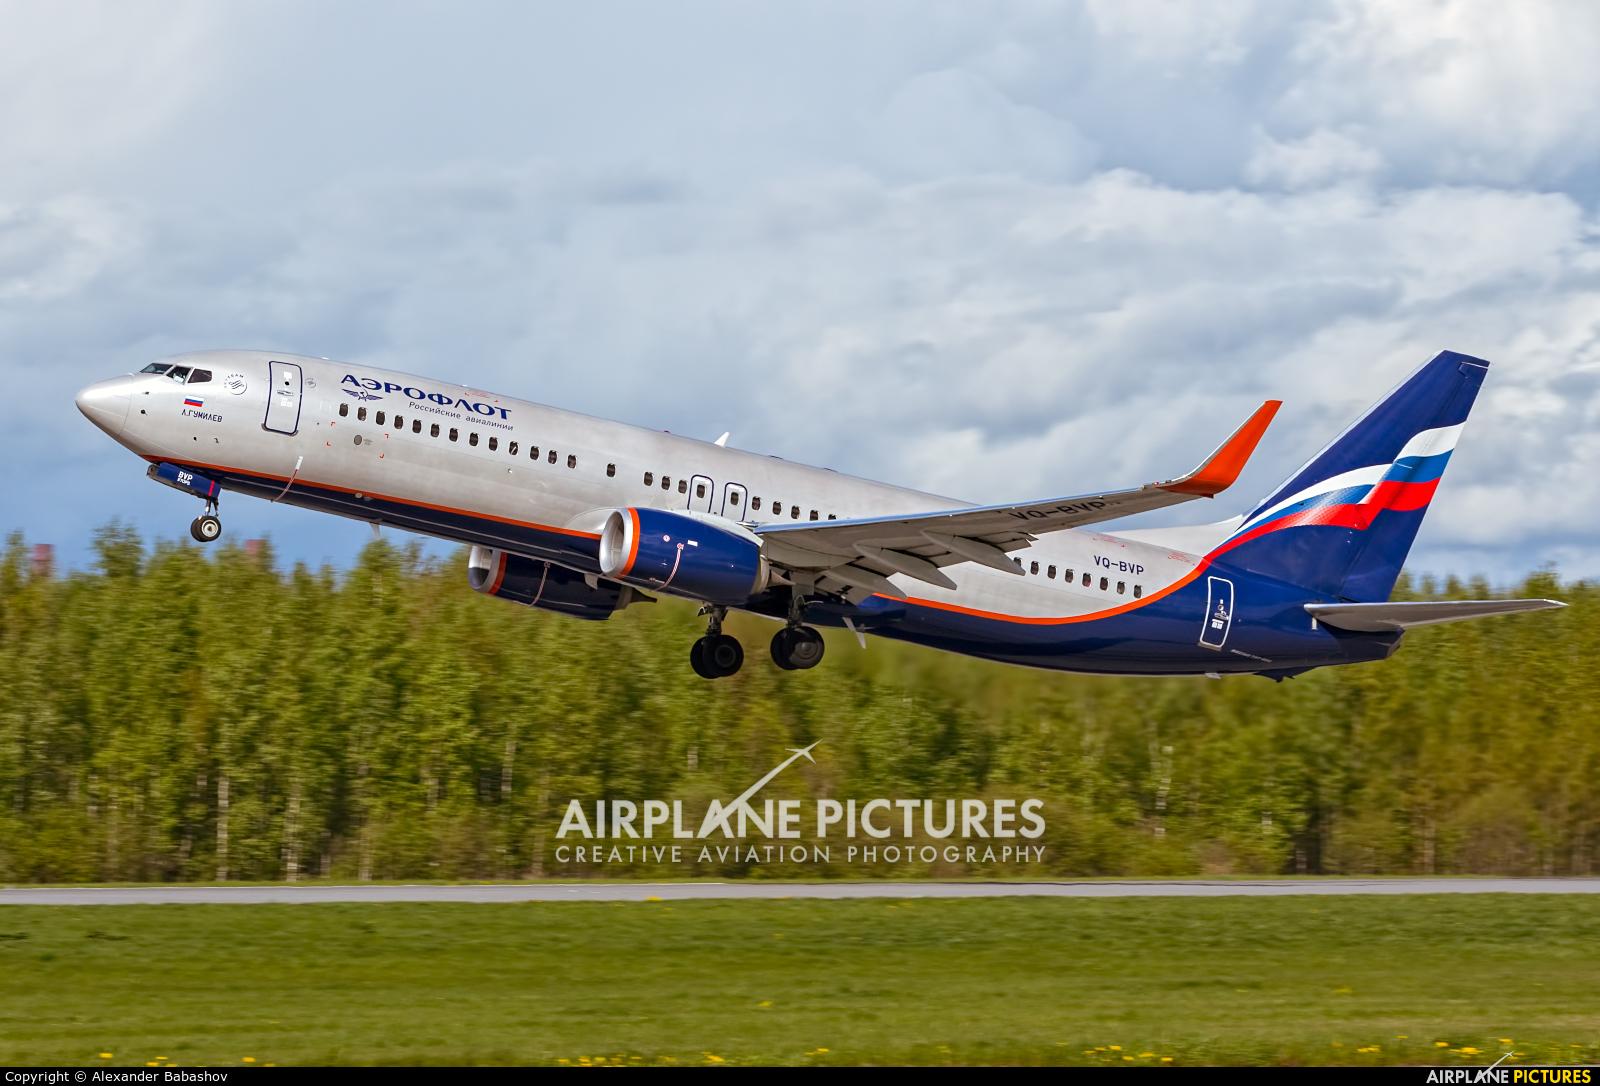 Aeroflot Boeing 737-800 VQ-BVP